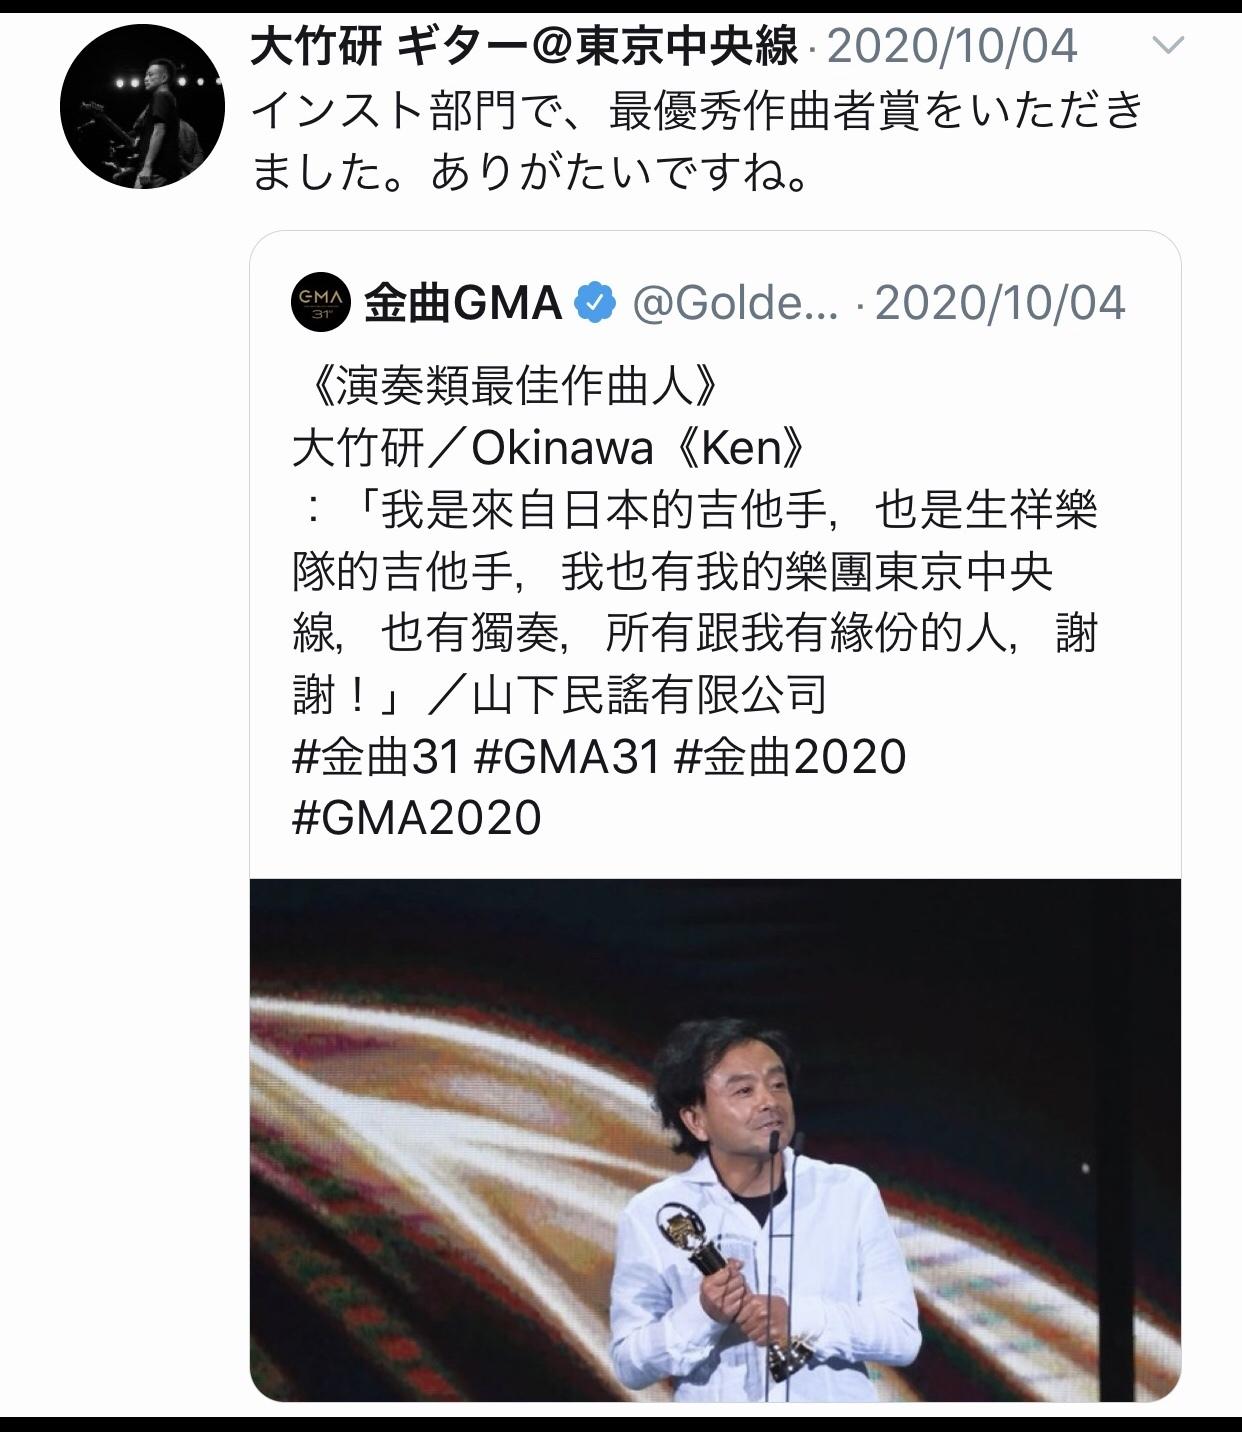 中国での楽曲配信★第二弾_f0115311_01081816.jpeg